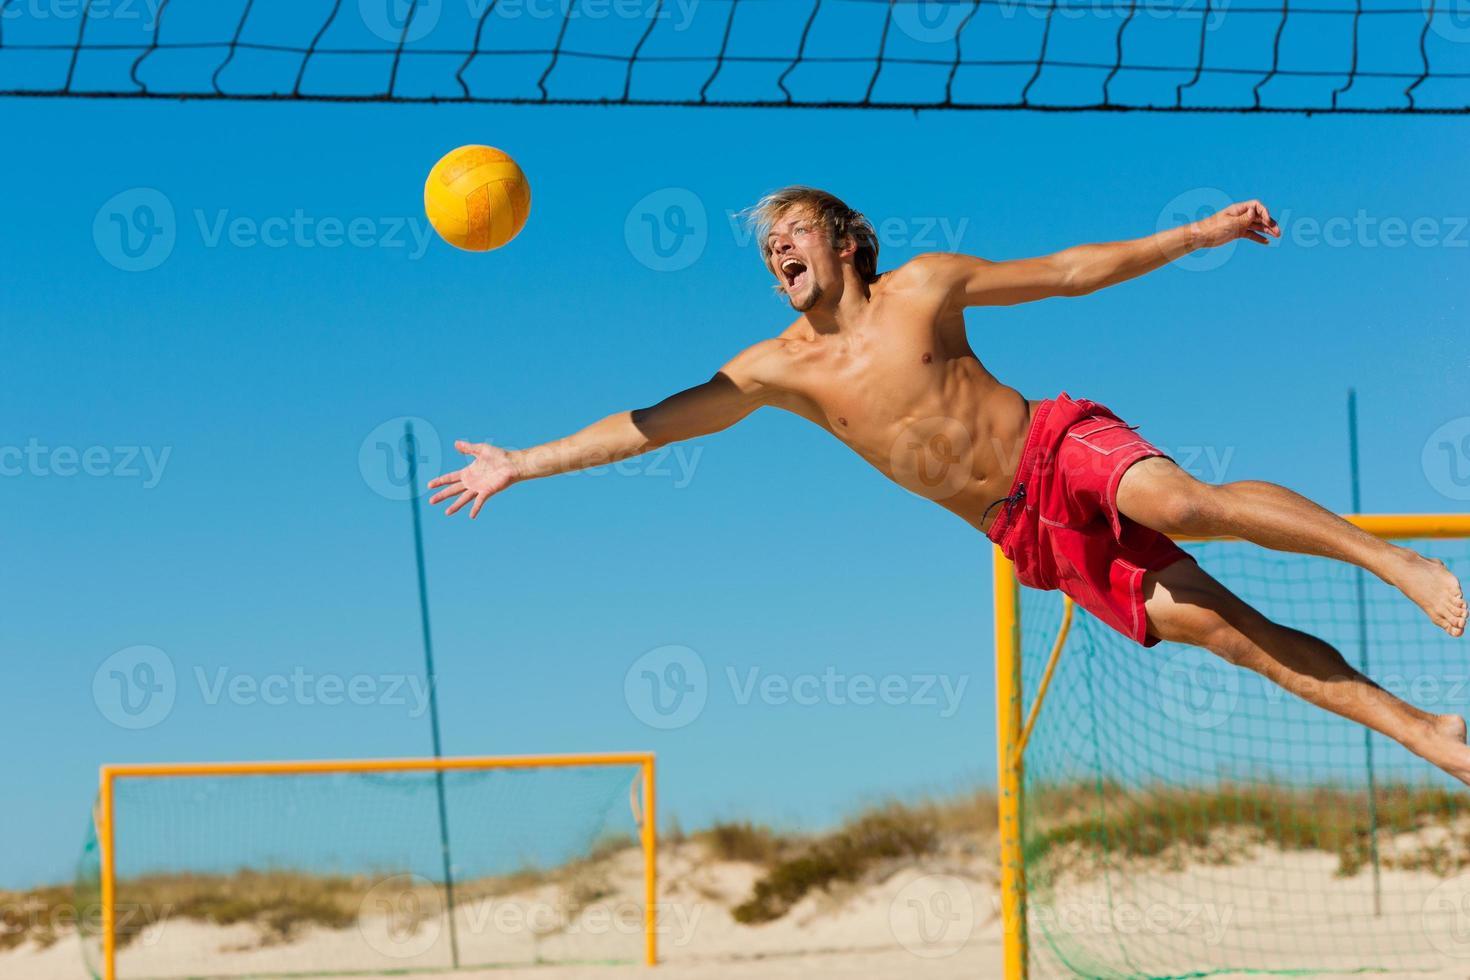 uomo in spiaggia che salta in aria mentre cerca di ottenere la pallavolo foto